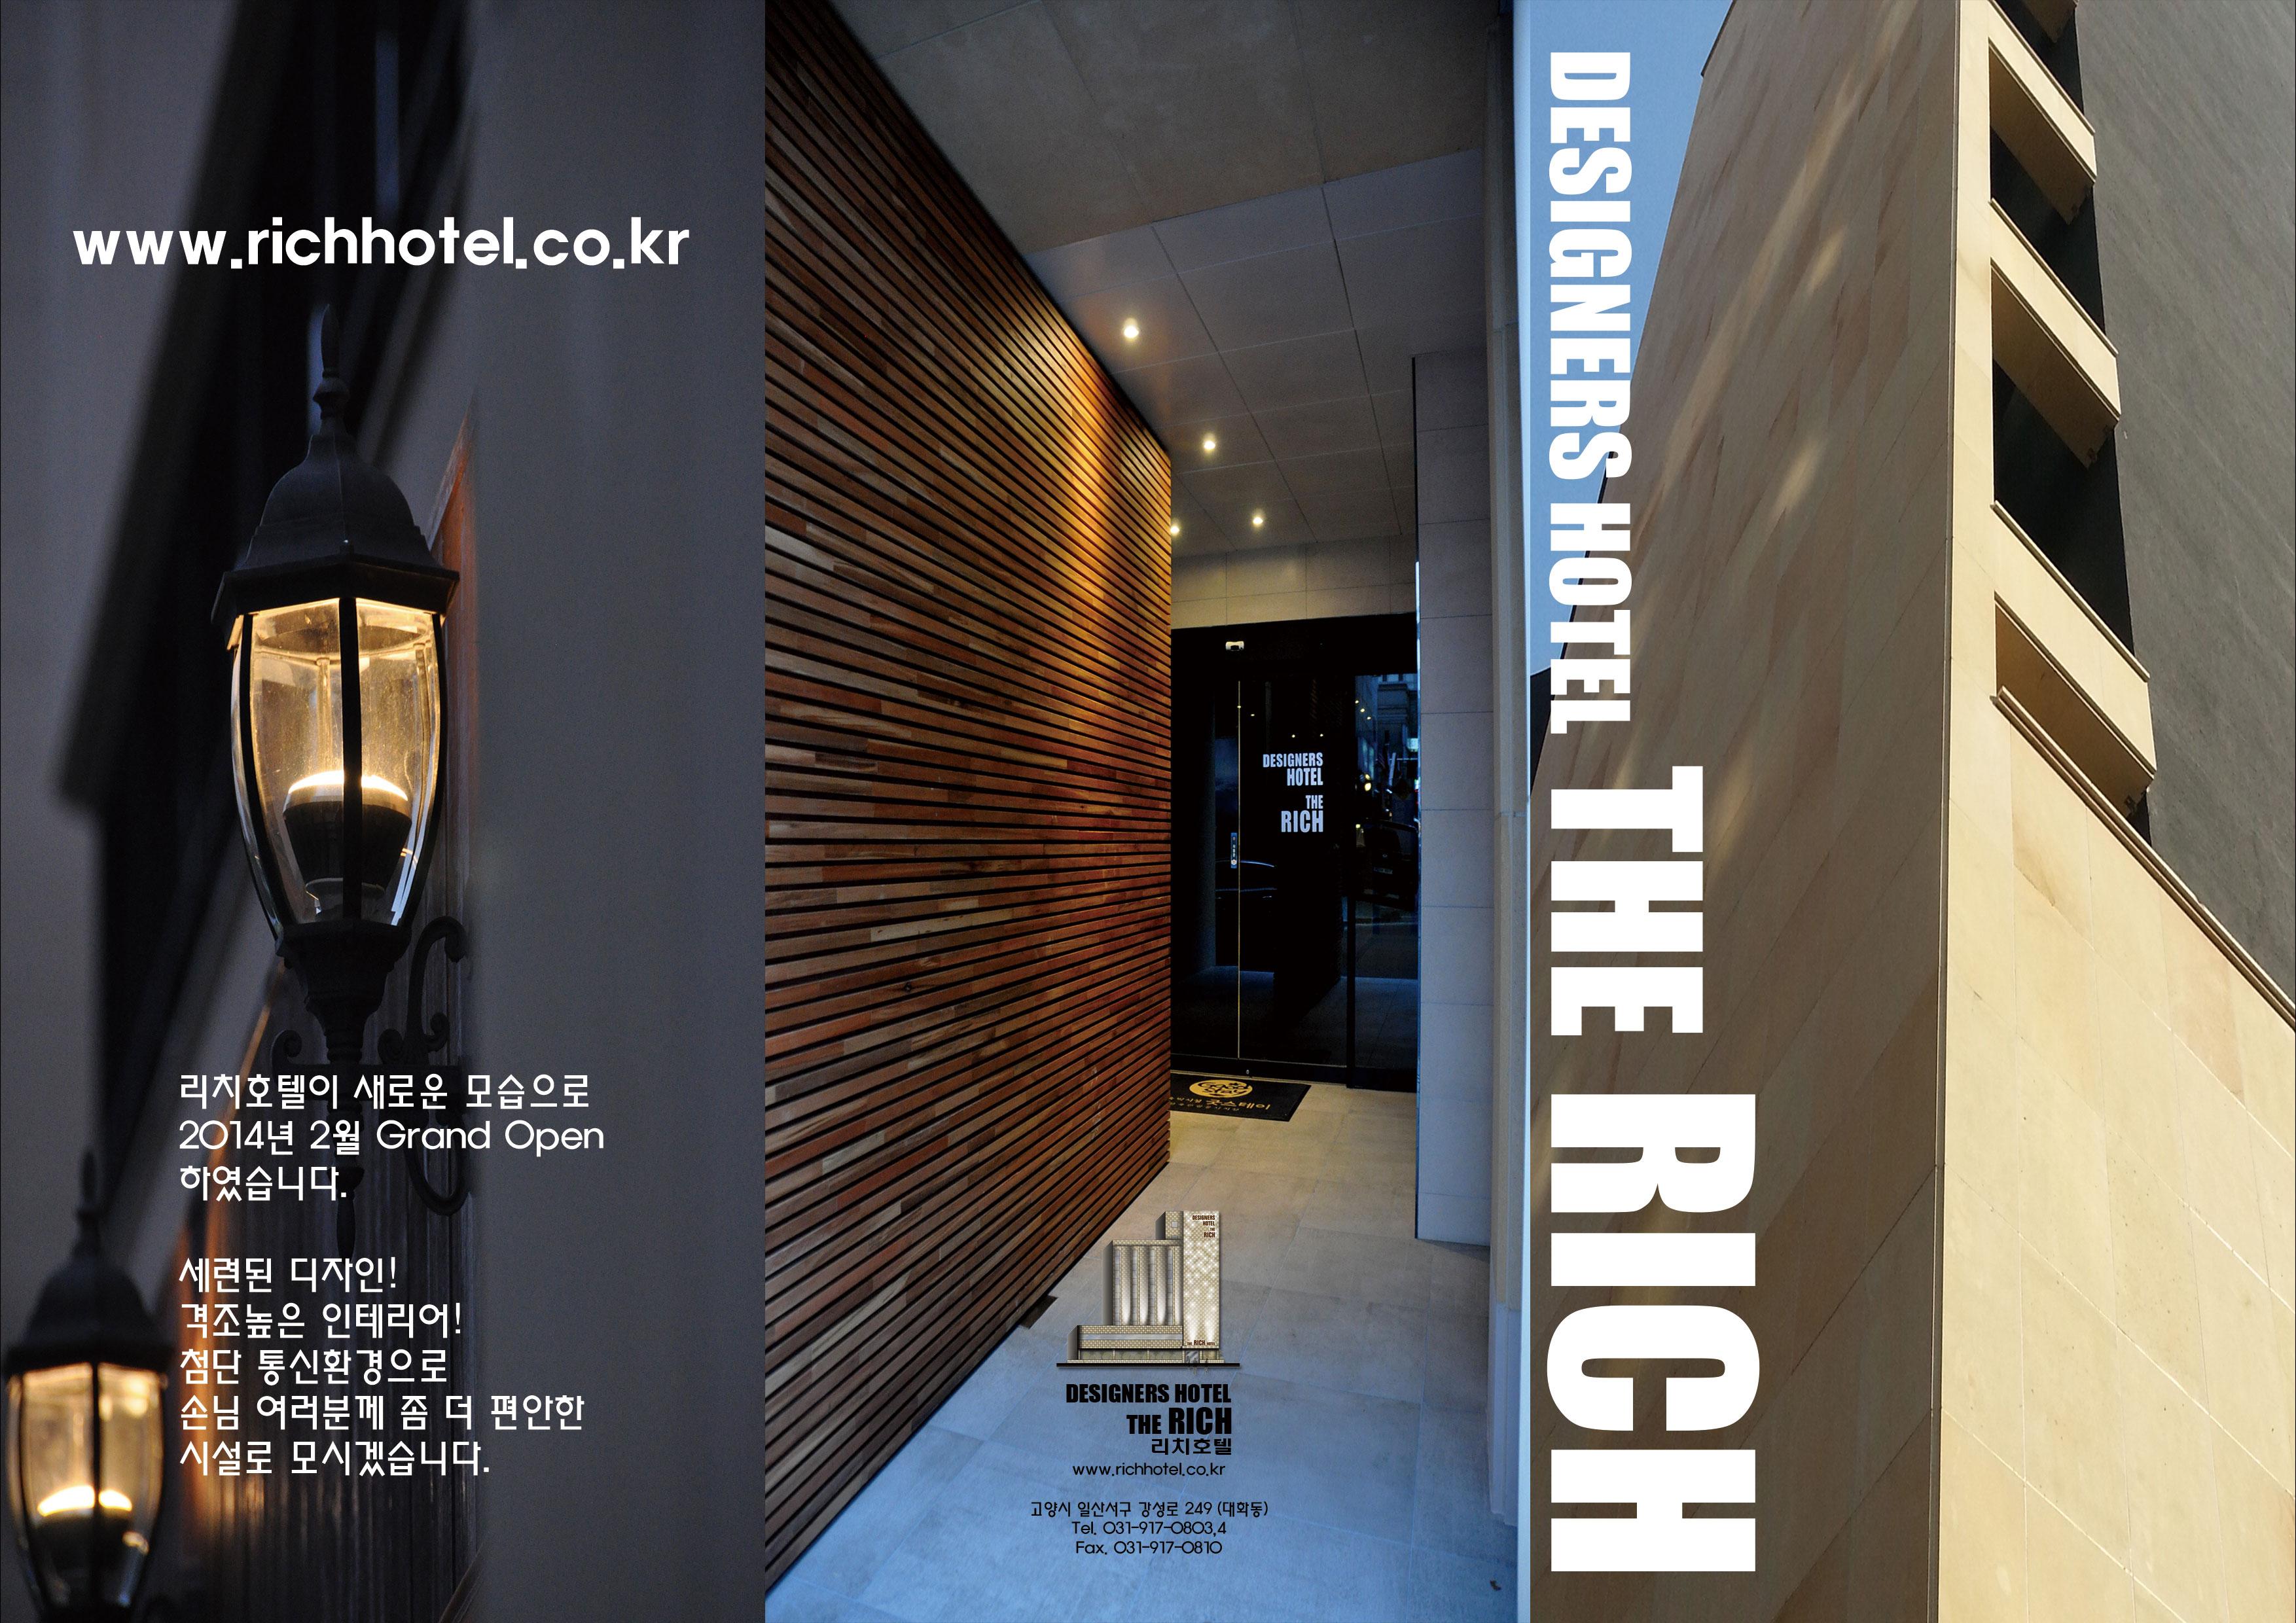 리치호텔(DESIGNERS HOTEL THE RICH)8